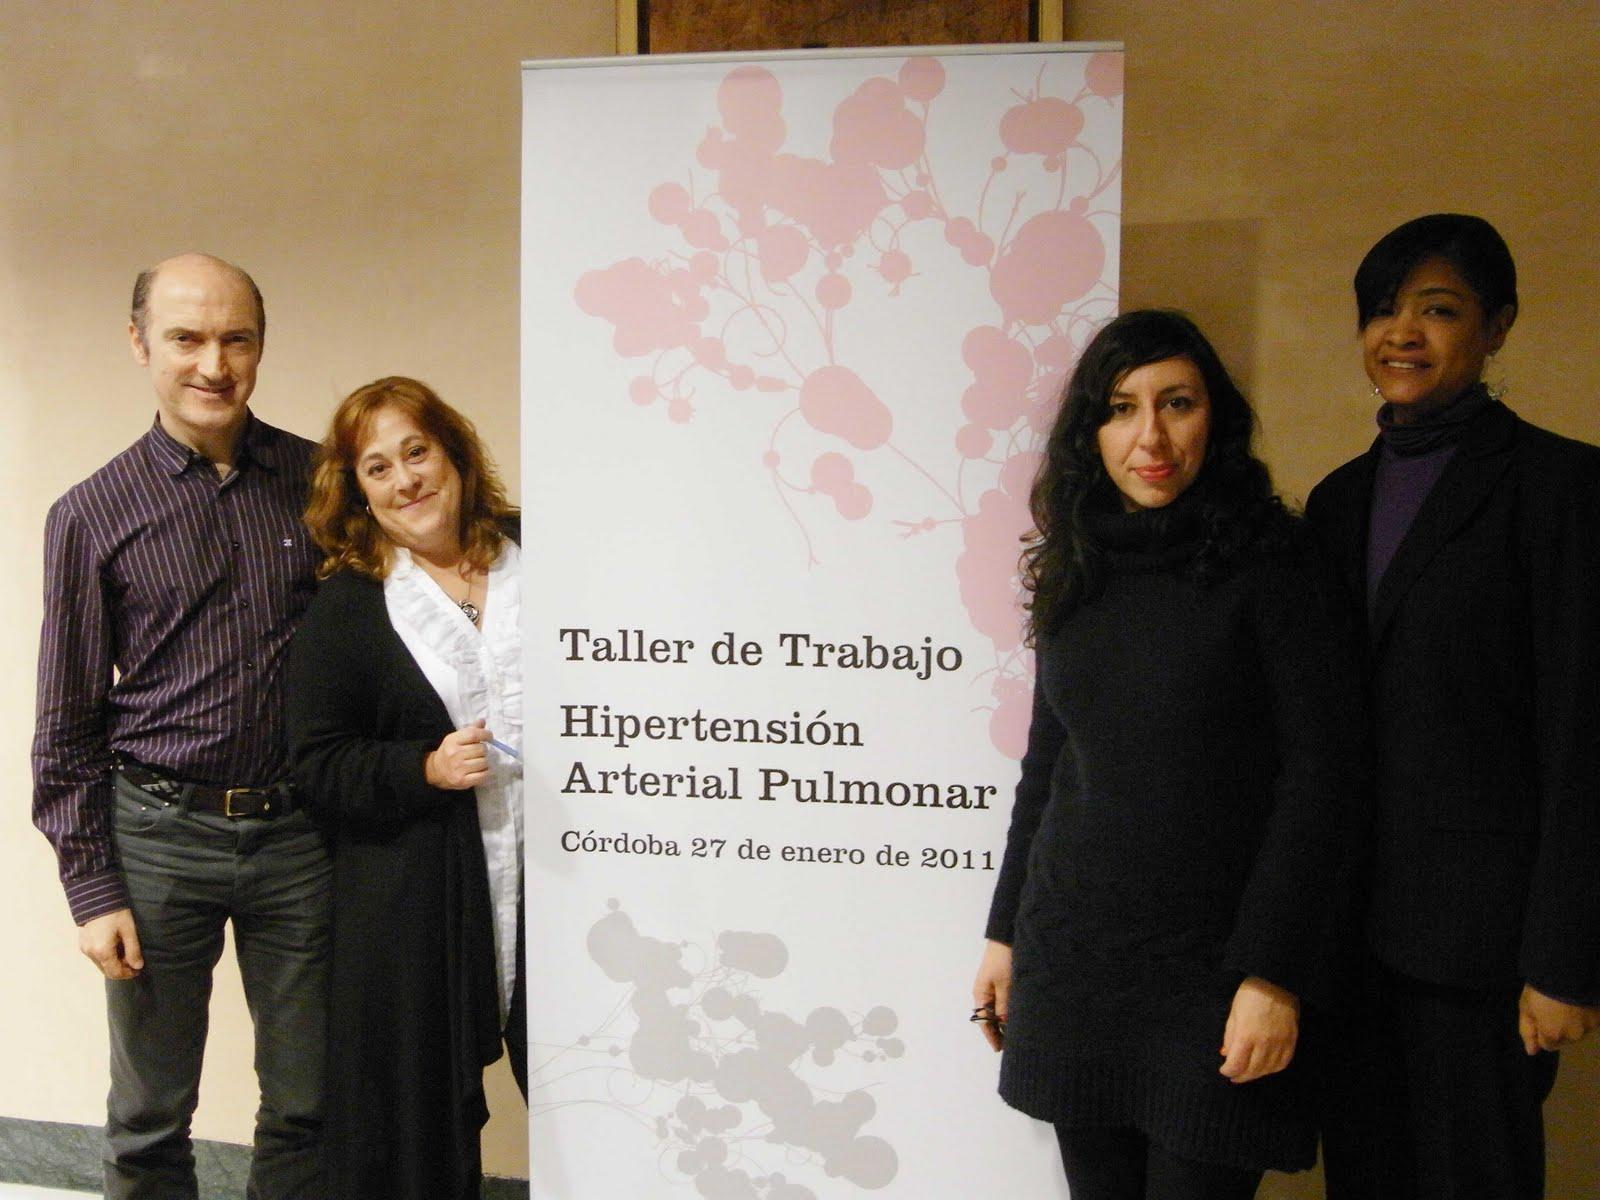 Cómo recoger a las mujeres con Regaliz hipertensión